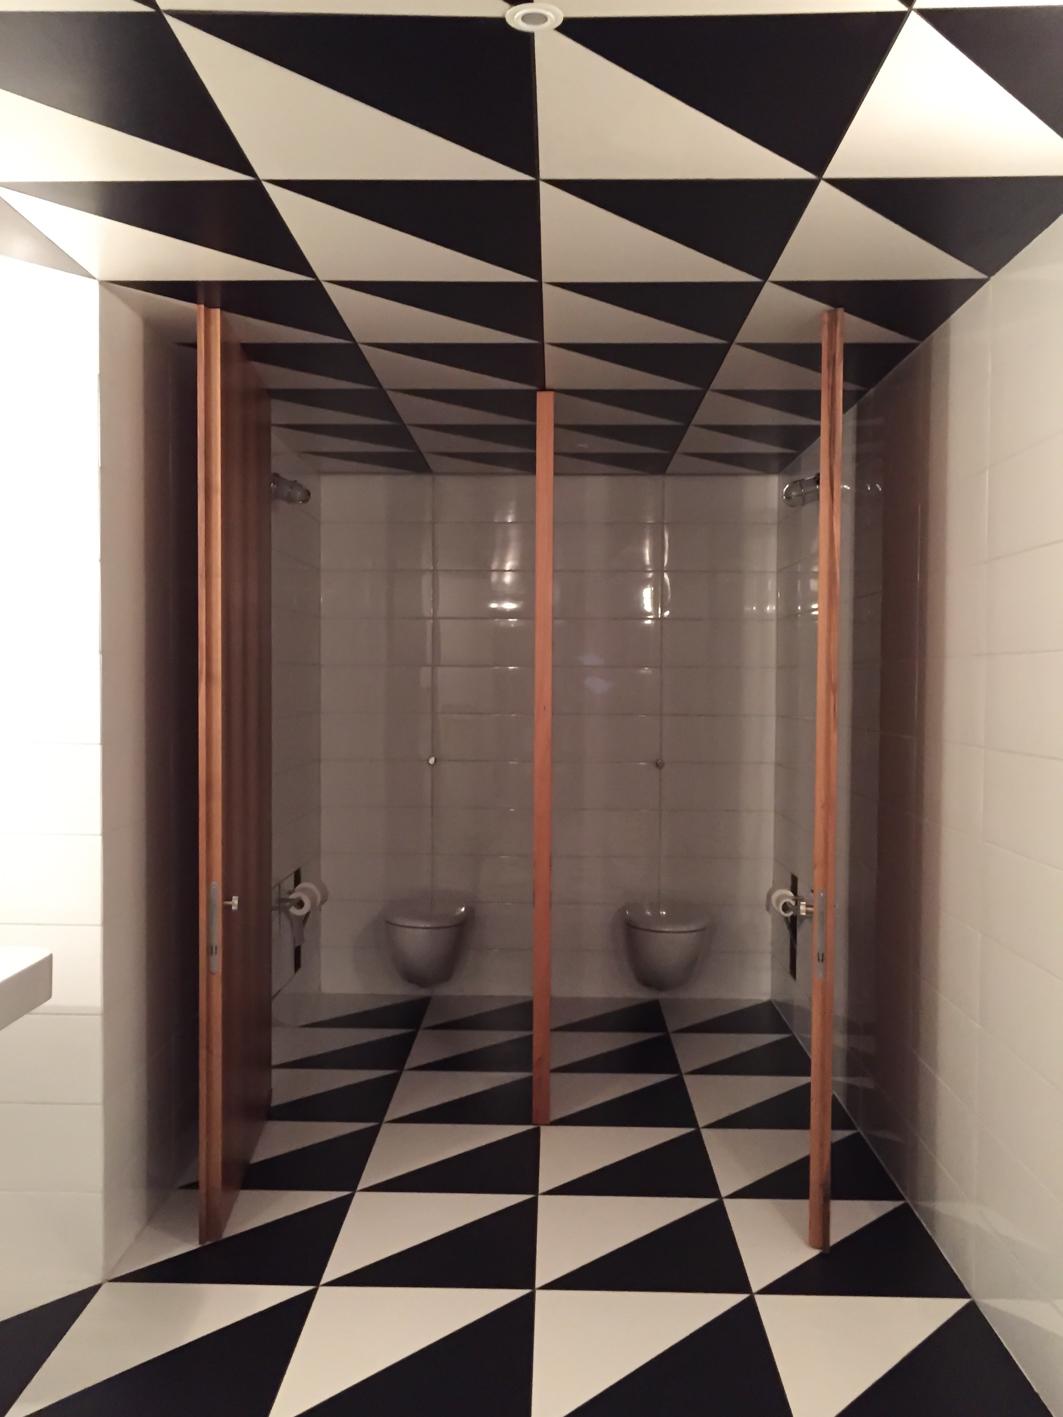 a guide of beautiful places: Bar Luce: un diseño de Wes Anderson ...